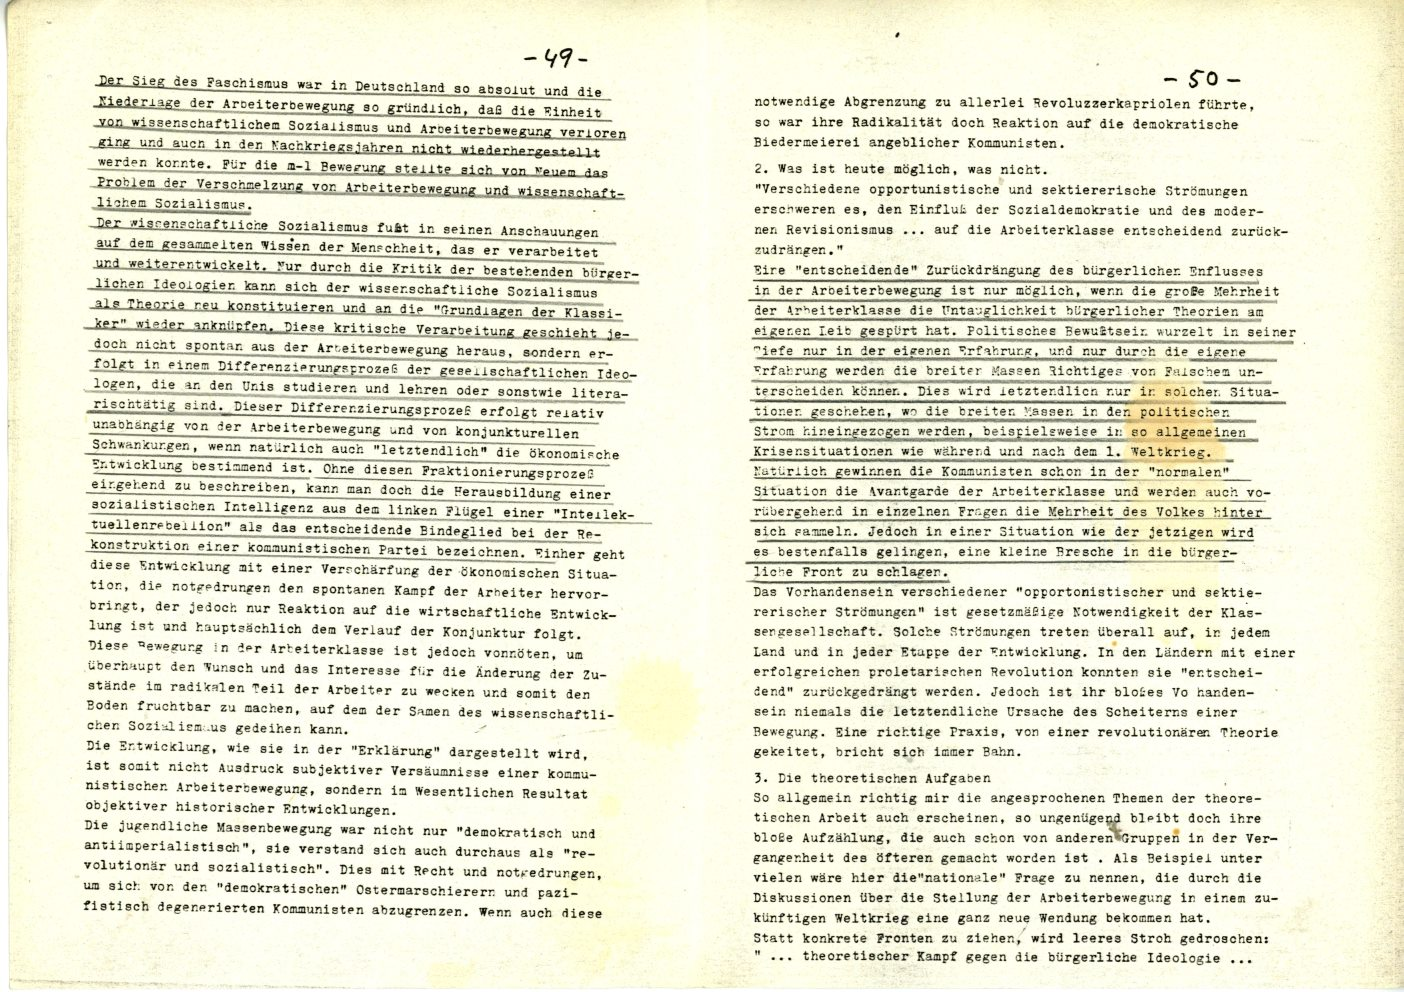 Nuernberg_Fuerth_Erlangen_ML_Diskussionsbeitraege_1978_01_26